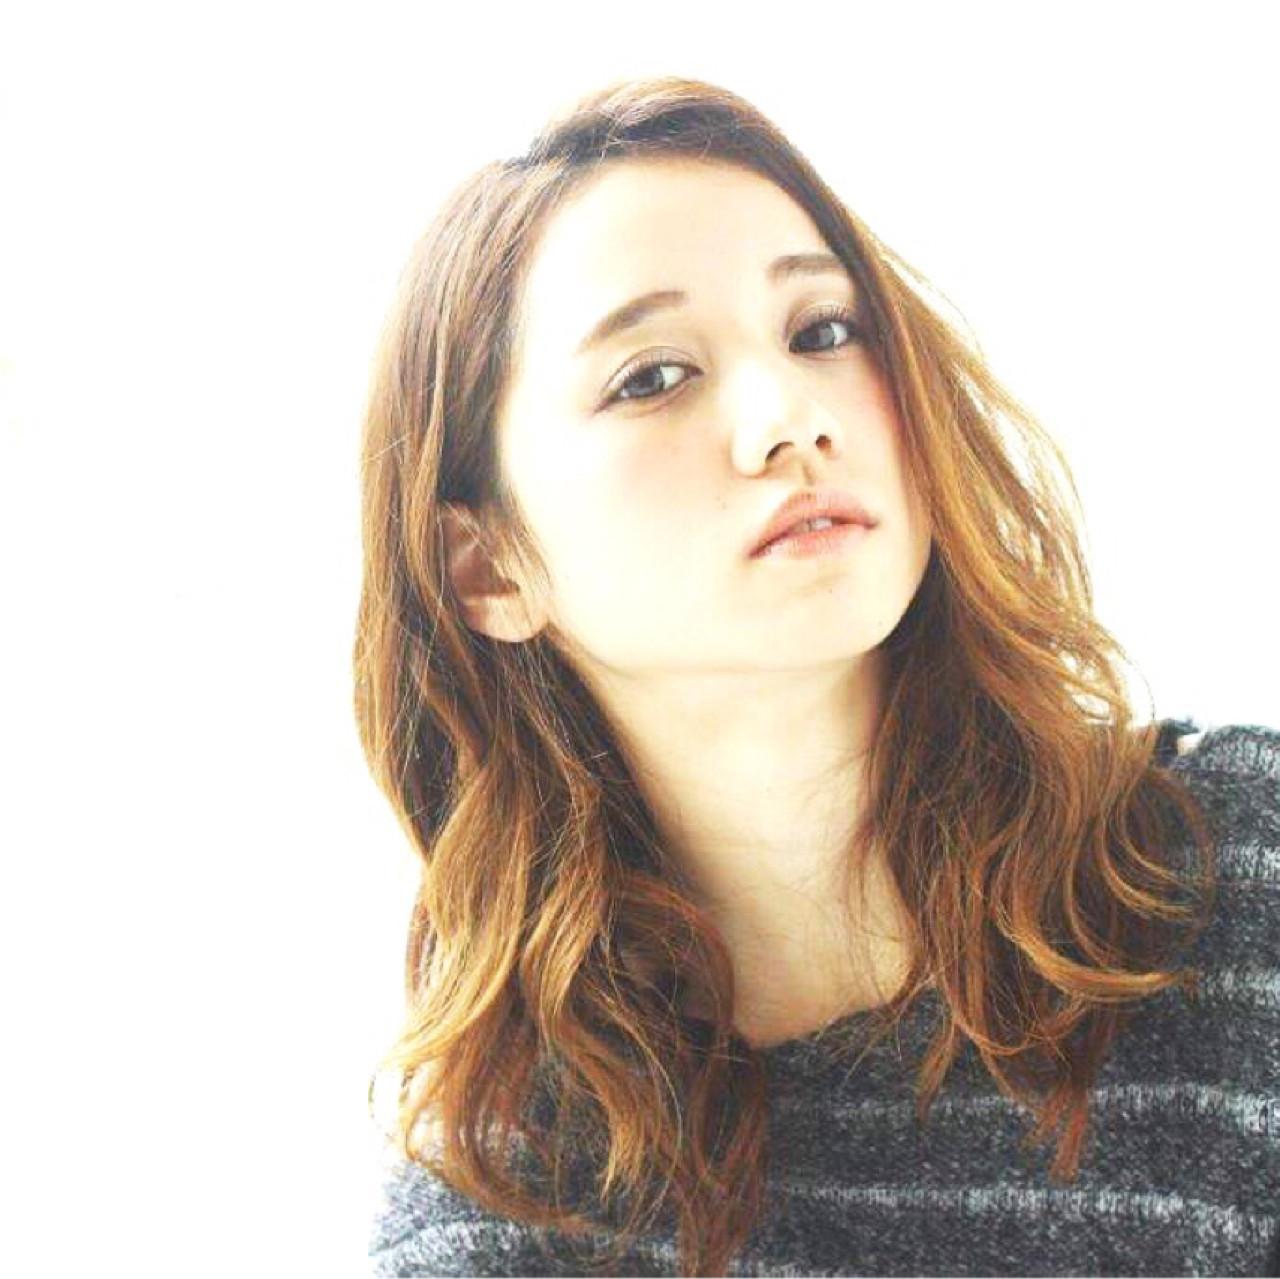 大人かわいい ナチュラル ふわふわ 外国人風 ヘアスタイルや髪型の写真・画像 | 切りっぱなしボブを流行らせた人 Un ami増永 / Un ami omotesando